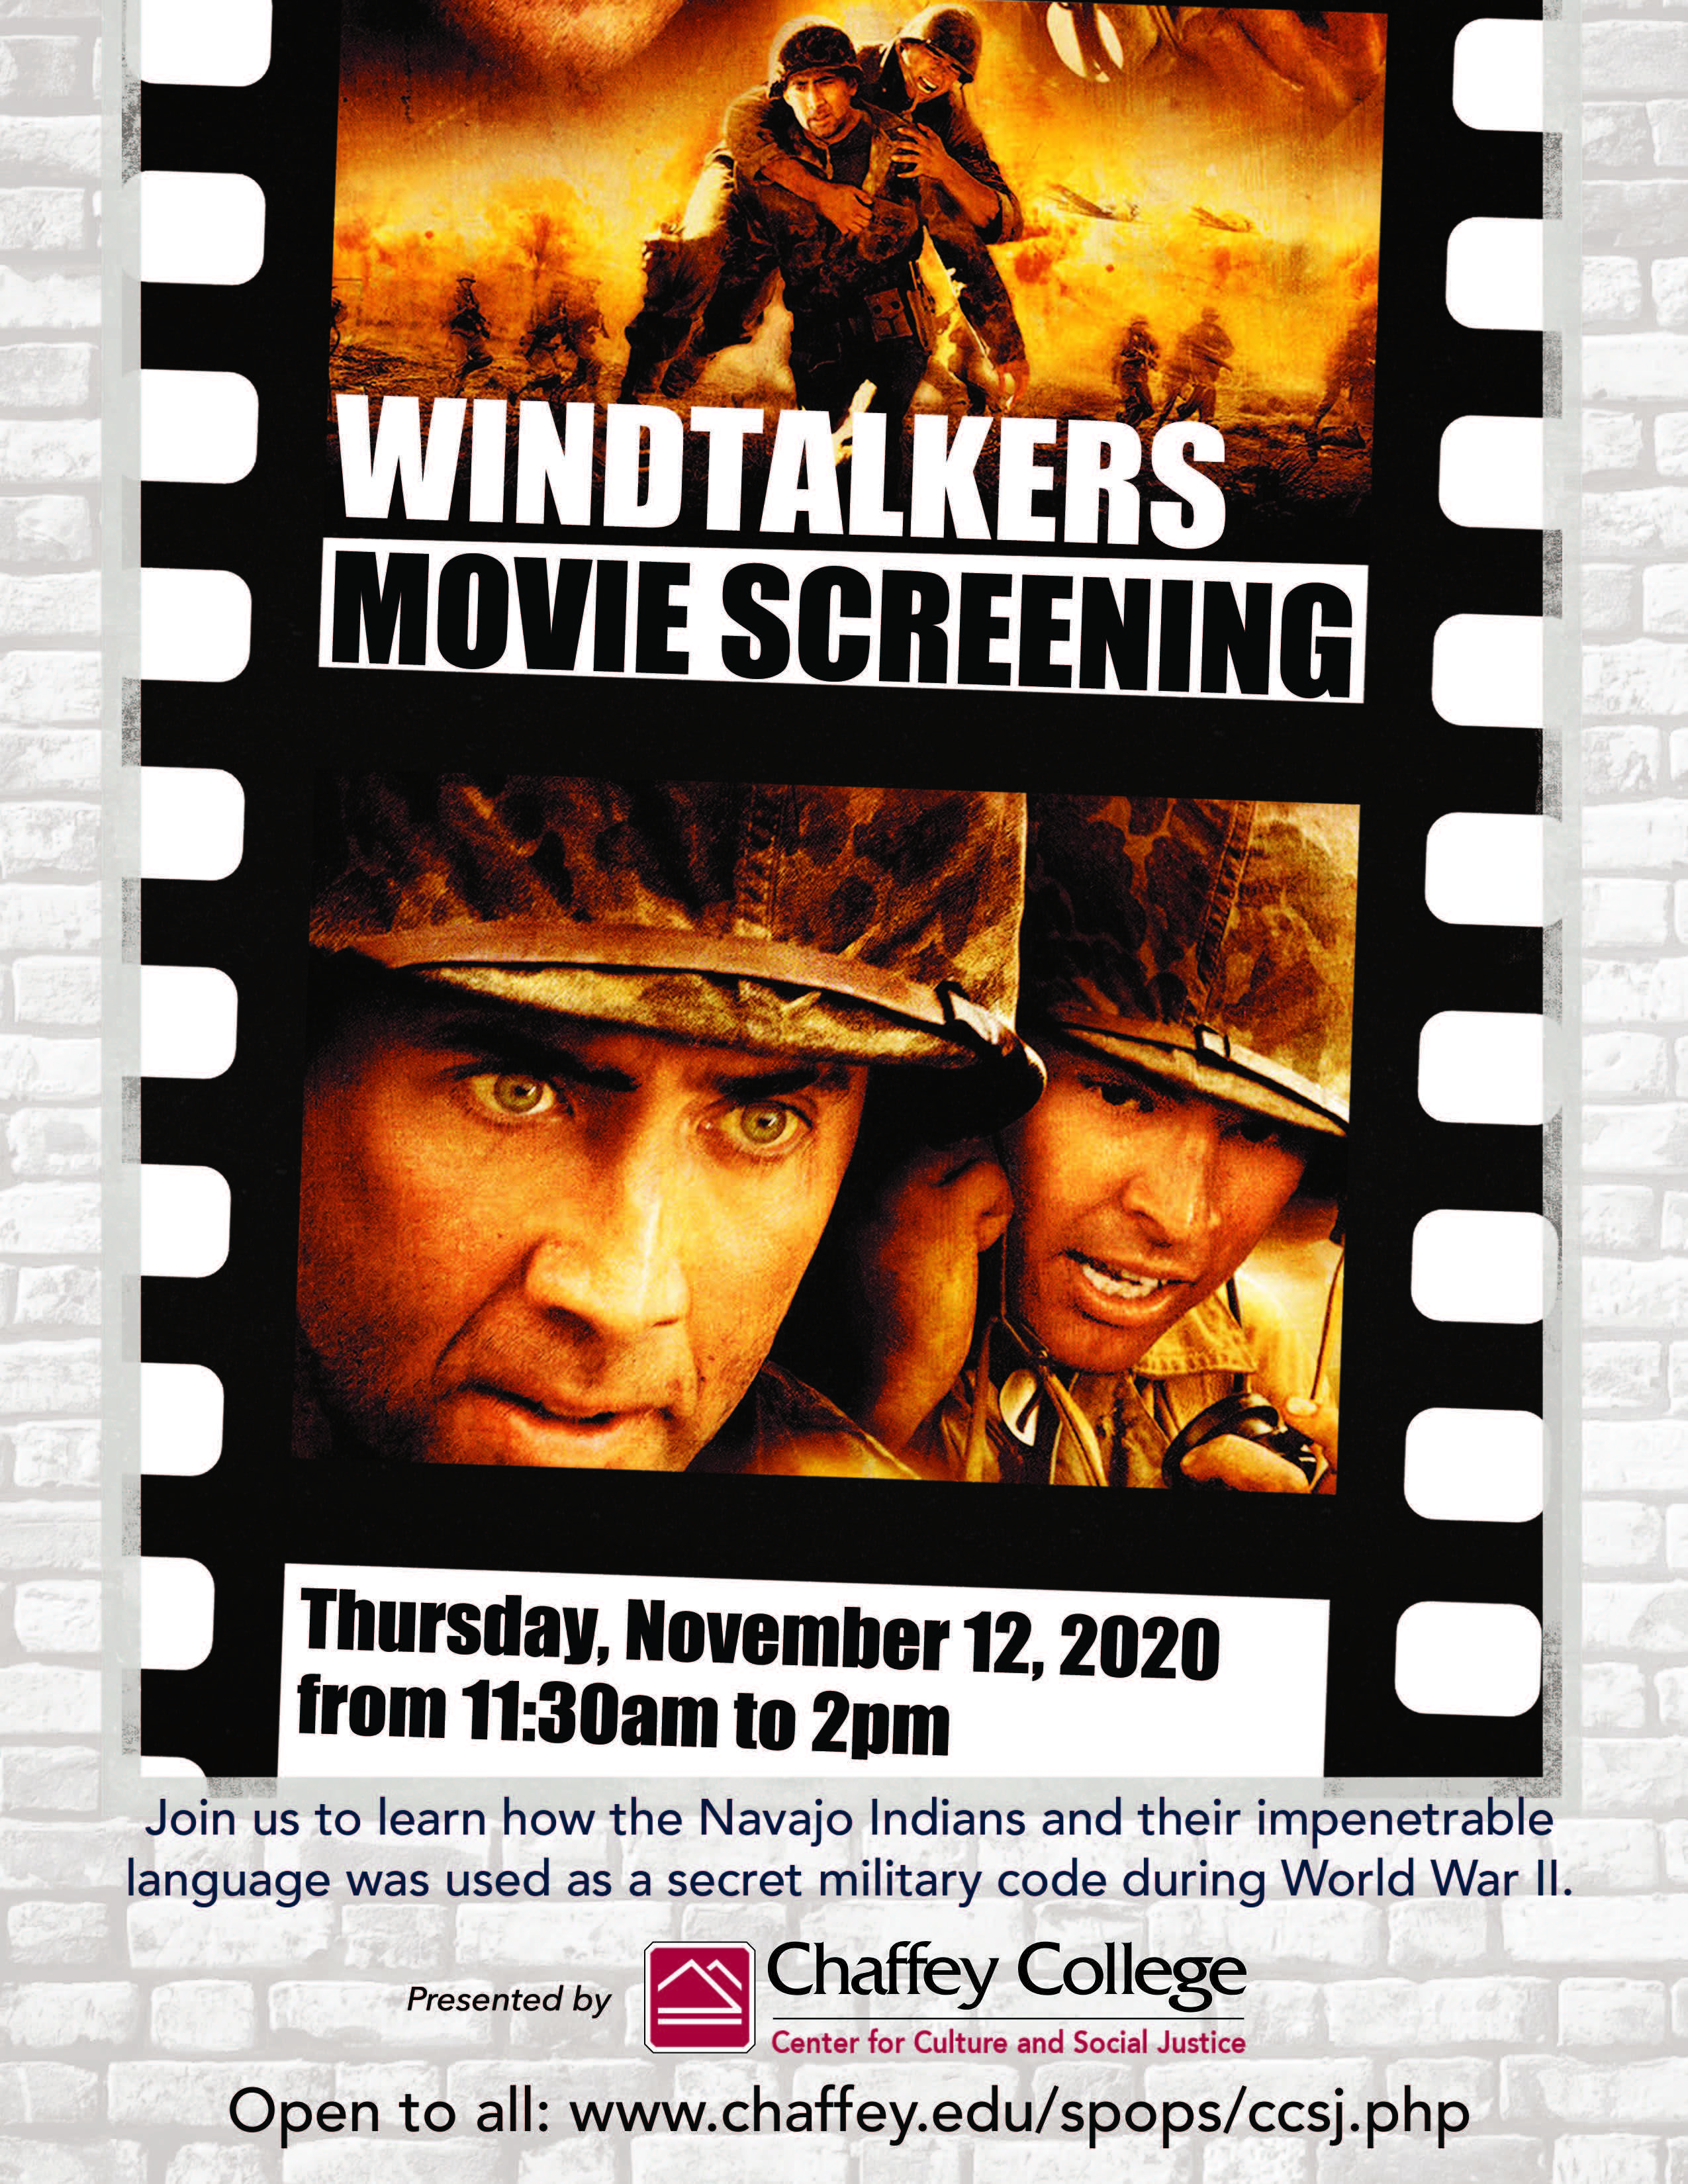 Windtalkers movie screening